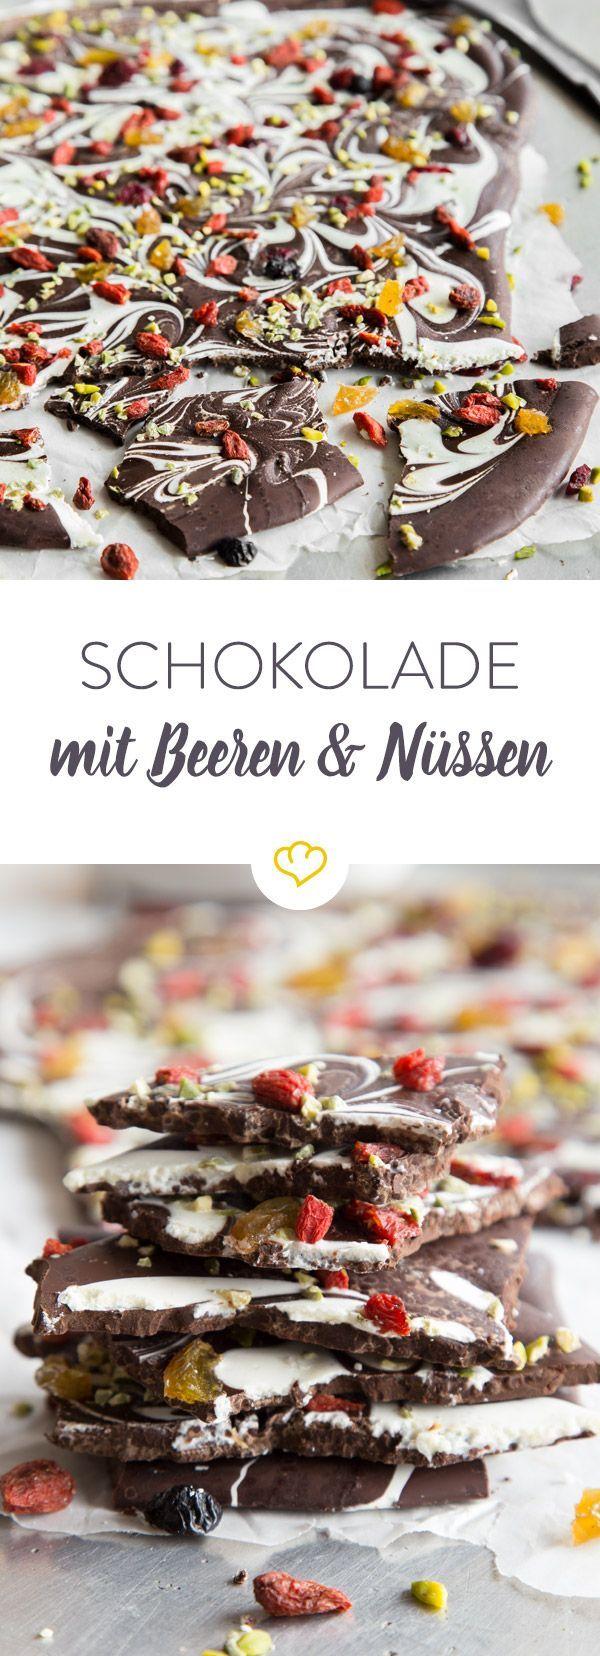 Selbstgemachte Schokolade - wie aus der Schweiz! In Stücke brechen, in Klarsichtfolie verpacken und schwups ist ein ideales Gastgeschenk gezaubert.